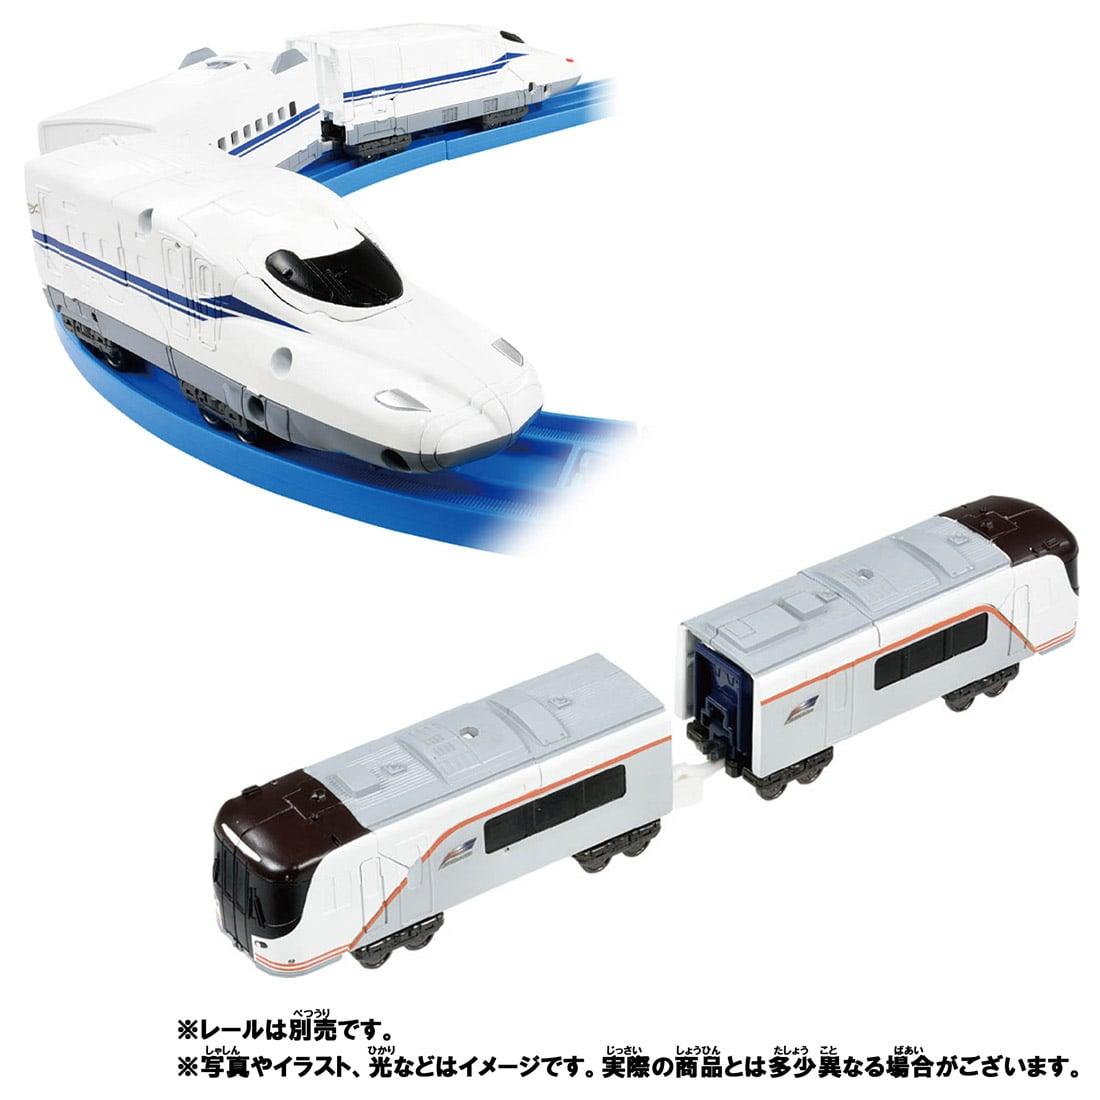 新幹線変形ロボ シンカリオンZ『シンカリオンZ N700Sヒダ』可変合体プラレール-009